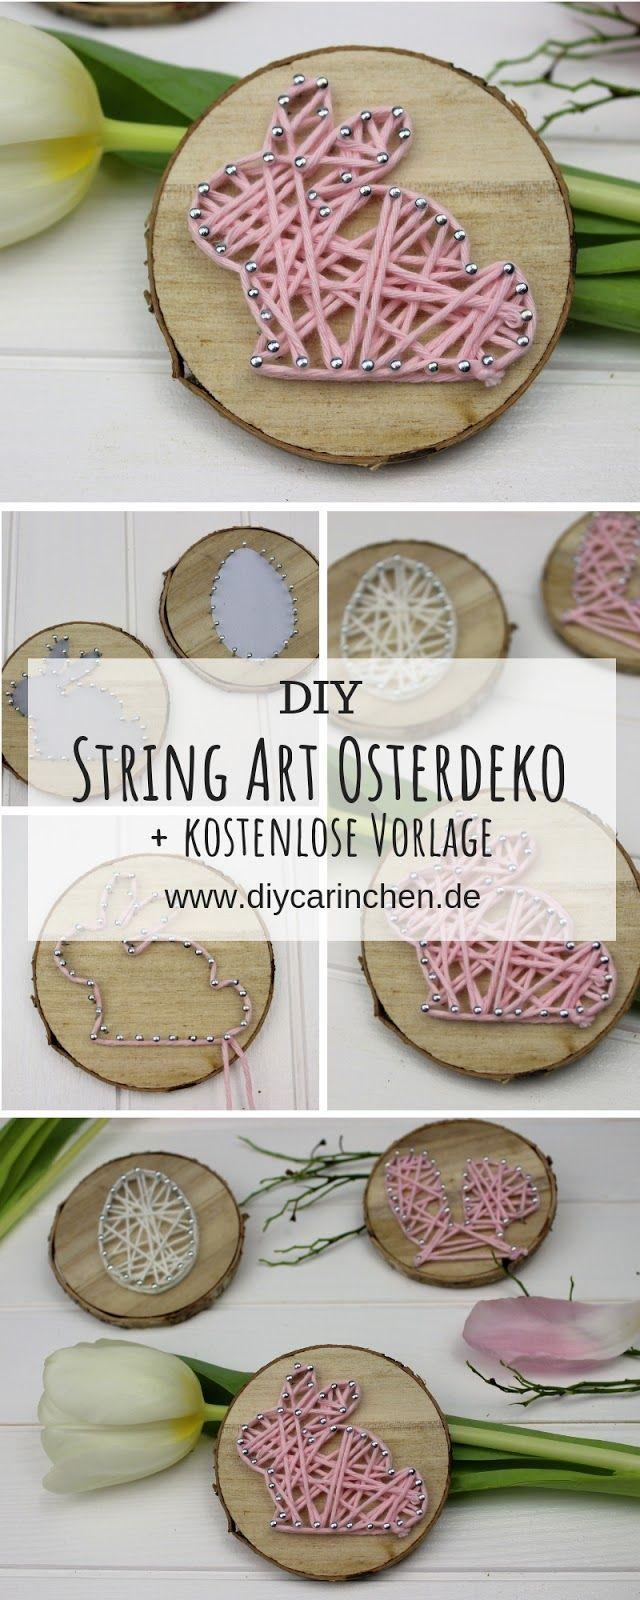 DIY Osterhase in String Art auf einer Astscheibe einfach selbermachen